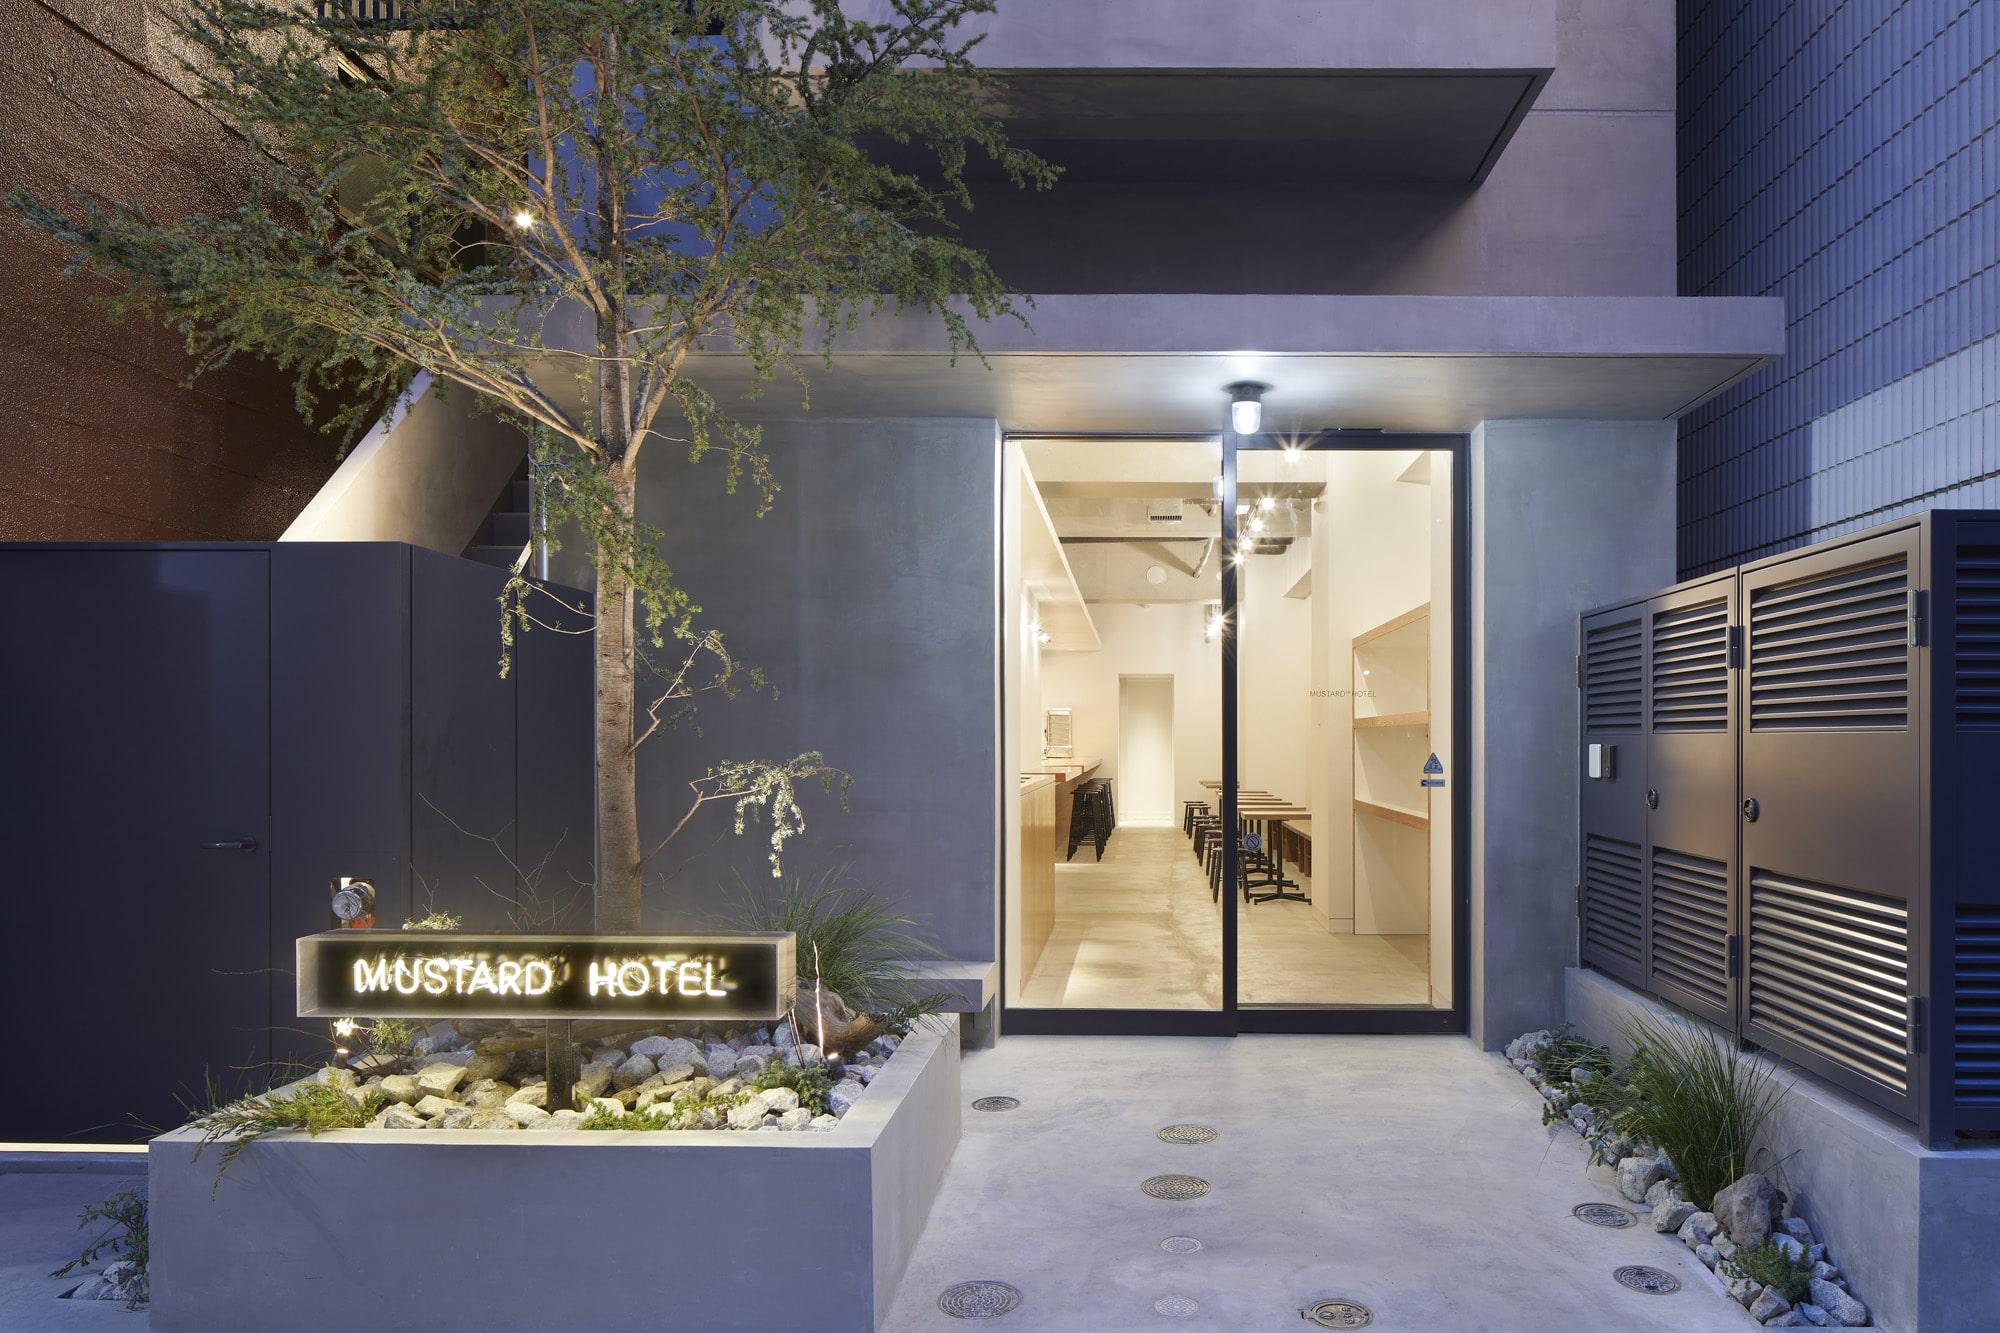 |東京|ホステル|MUSTARD HOTEL〔宿直ほか朝番・中番〕住込みスタッフ急募!浅草で朝食・温泉付き